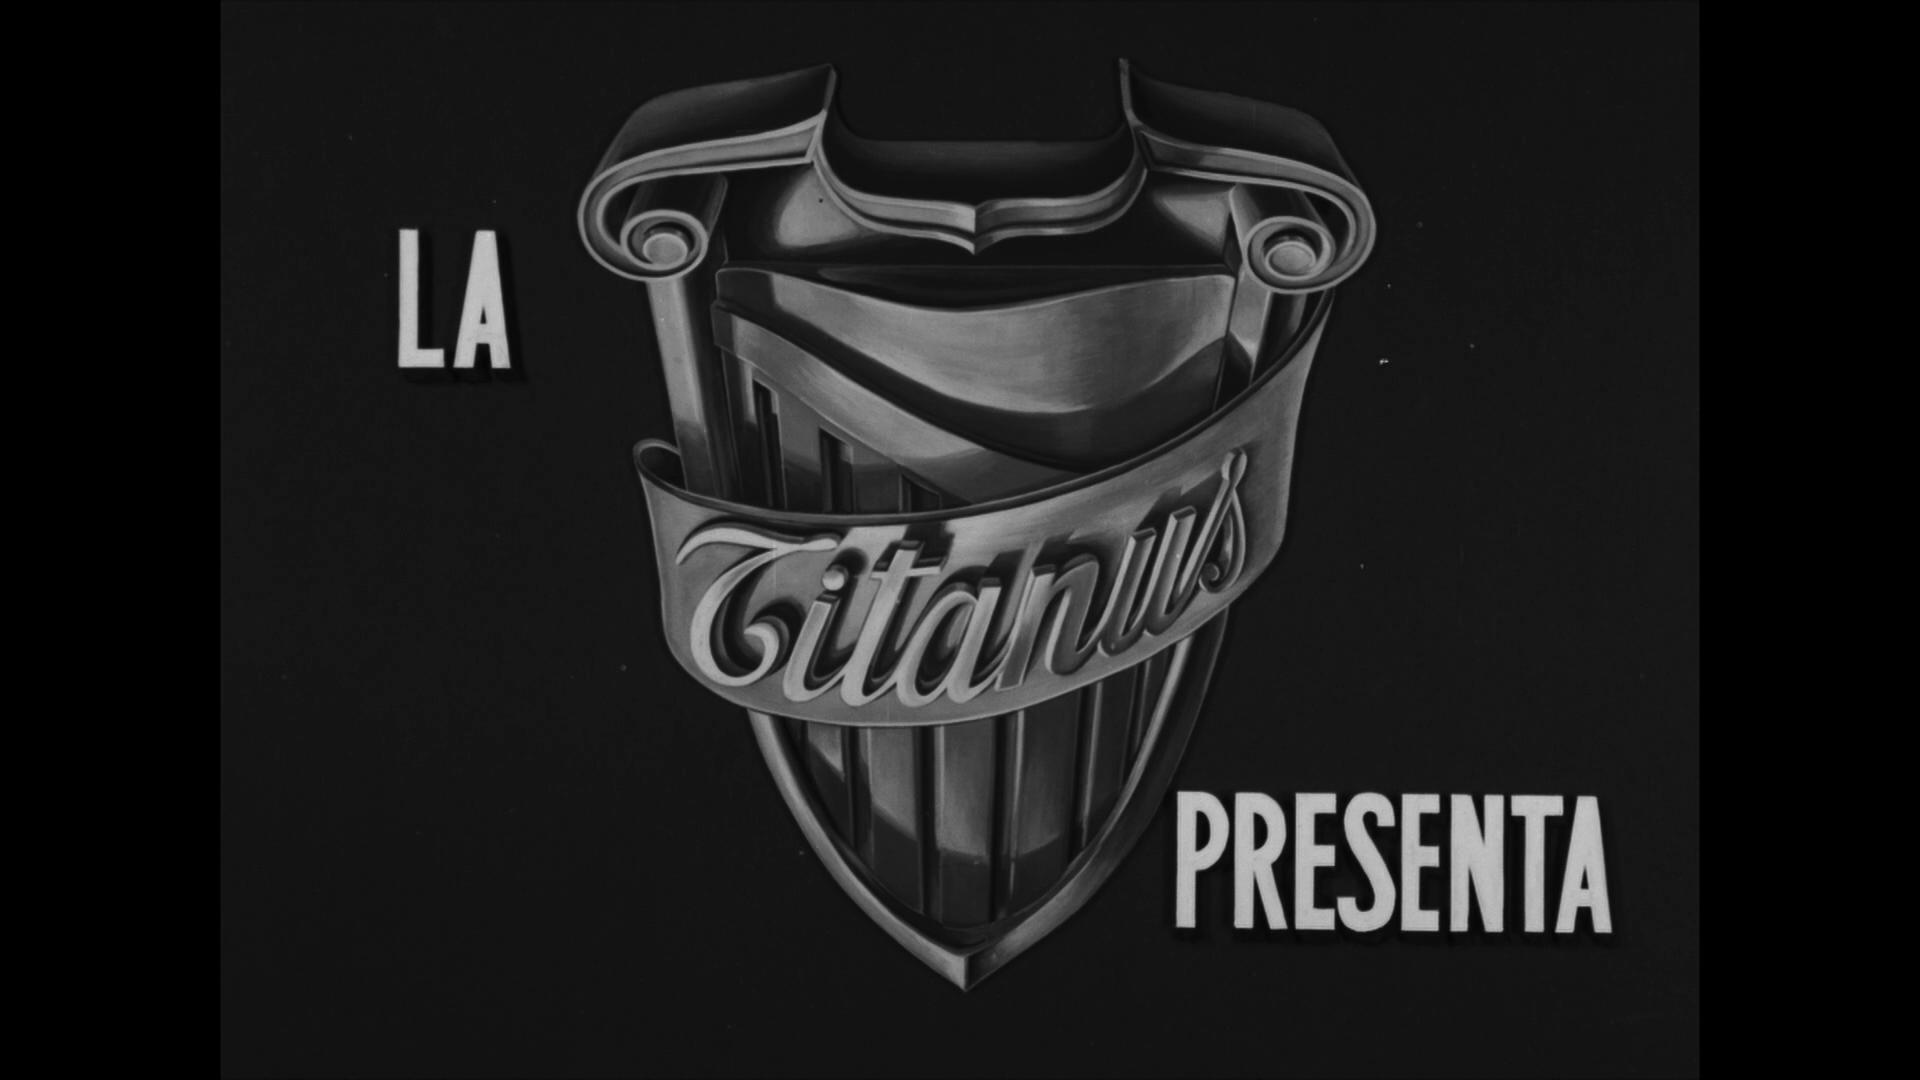 Logo de la Titanus dans le générique du film Malinconico autunno (1958) de Raffaello Matarazzo